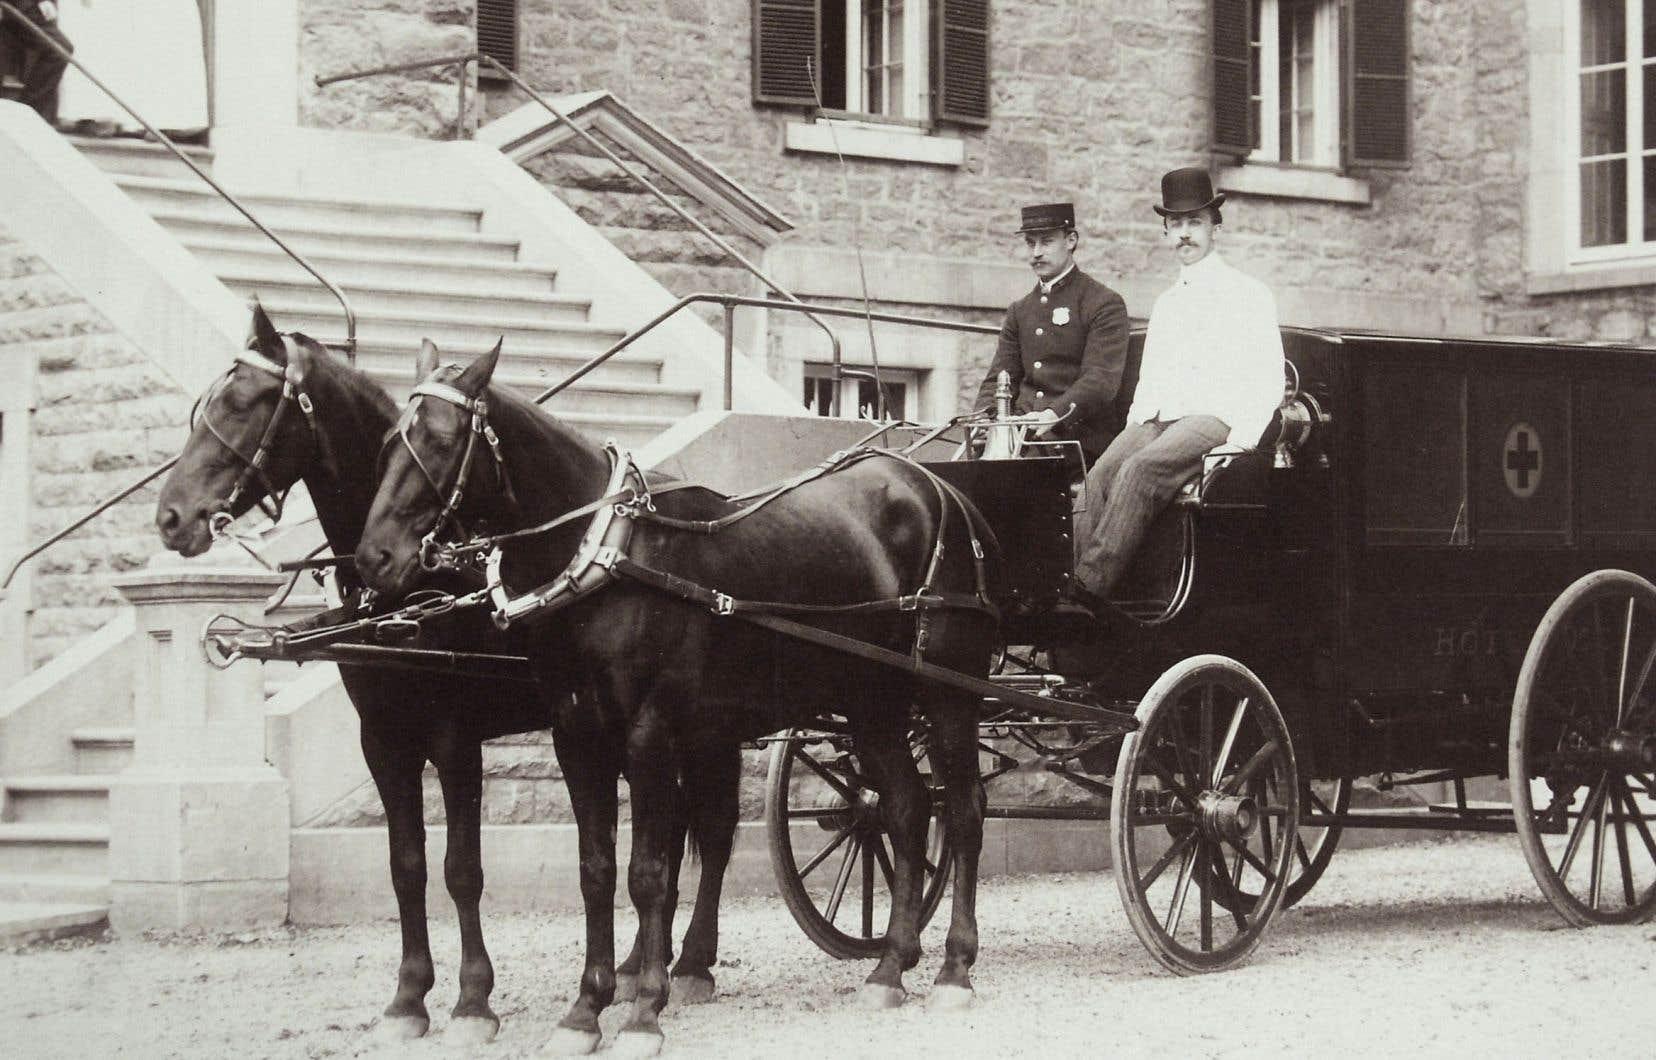 Une ambulance tirée par deux chevaux devant l'hôpital Hôtel-Dieu, à Montréal, vers 1904.